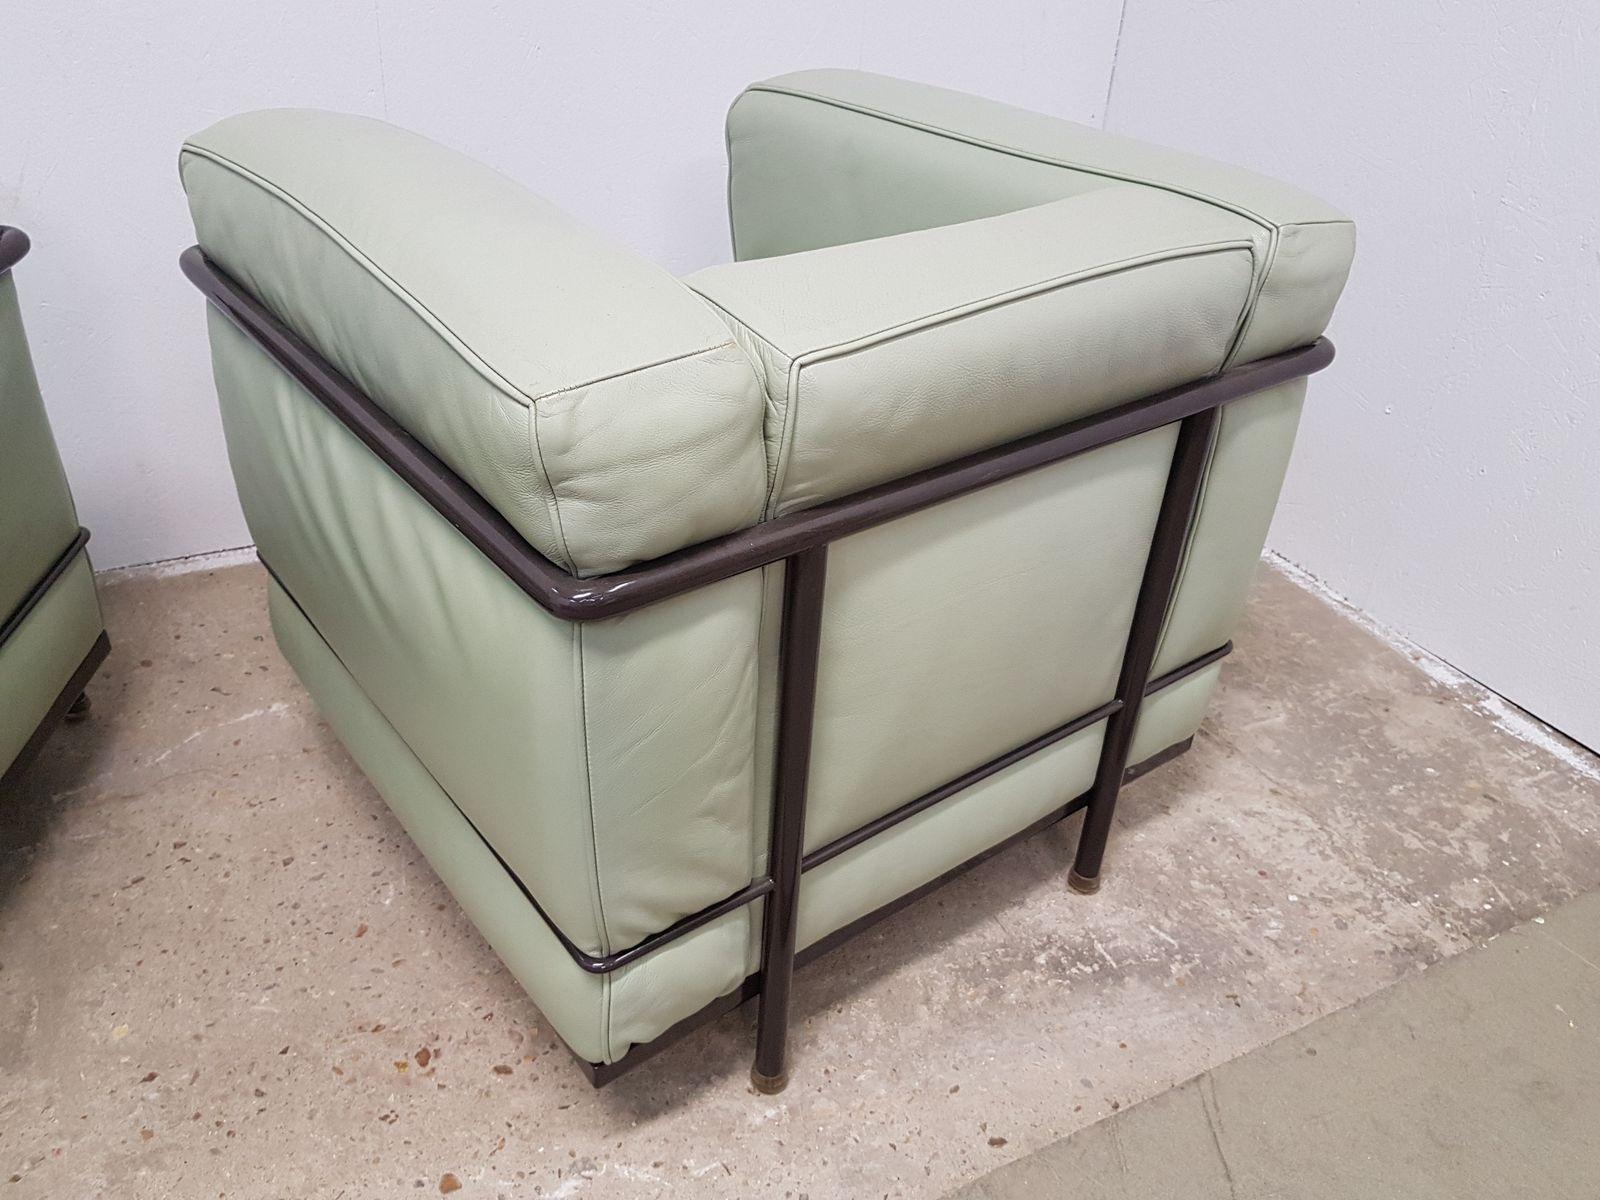 Sessel Le Corbusier Gunstig Bilder For 383918 Le Corbusier